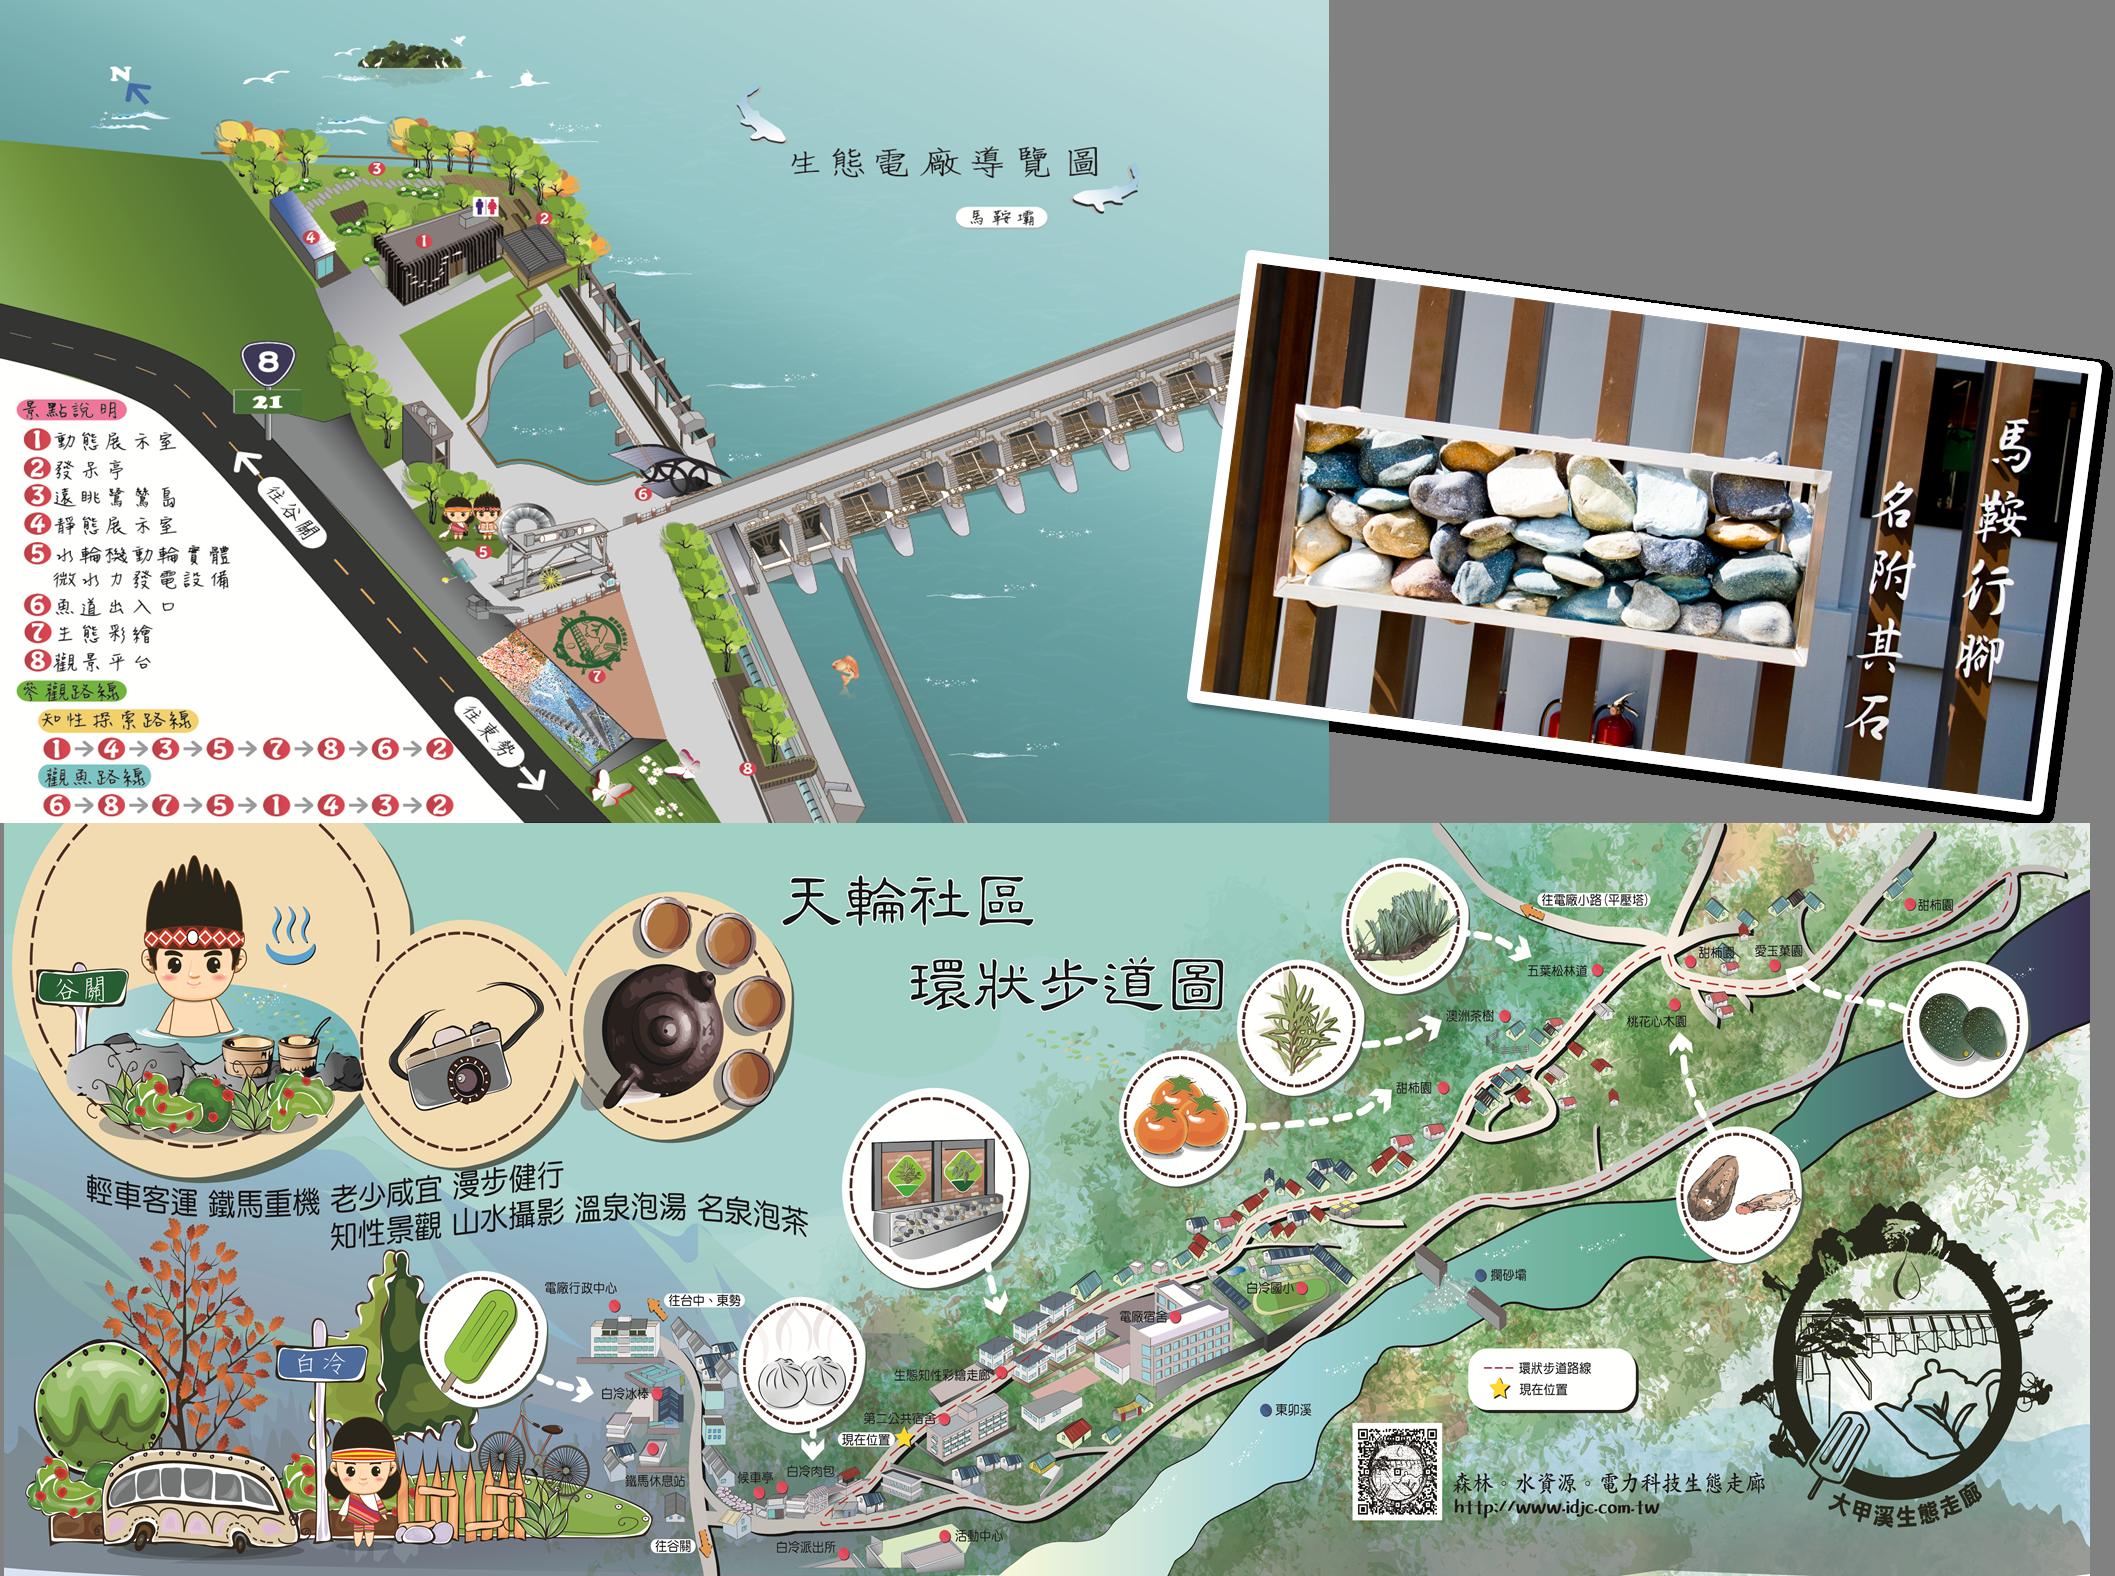 大甲溪馬鞍壩生態園區-結合電廠和周邊社區的生態走廊-1